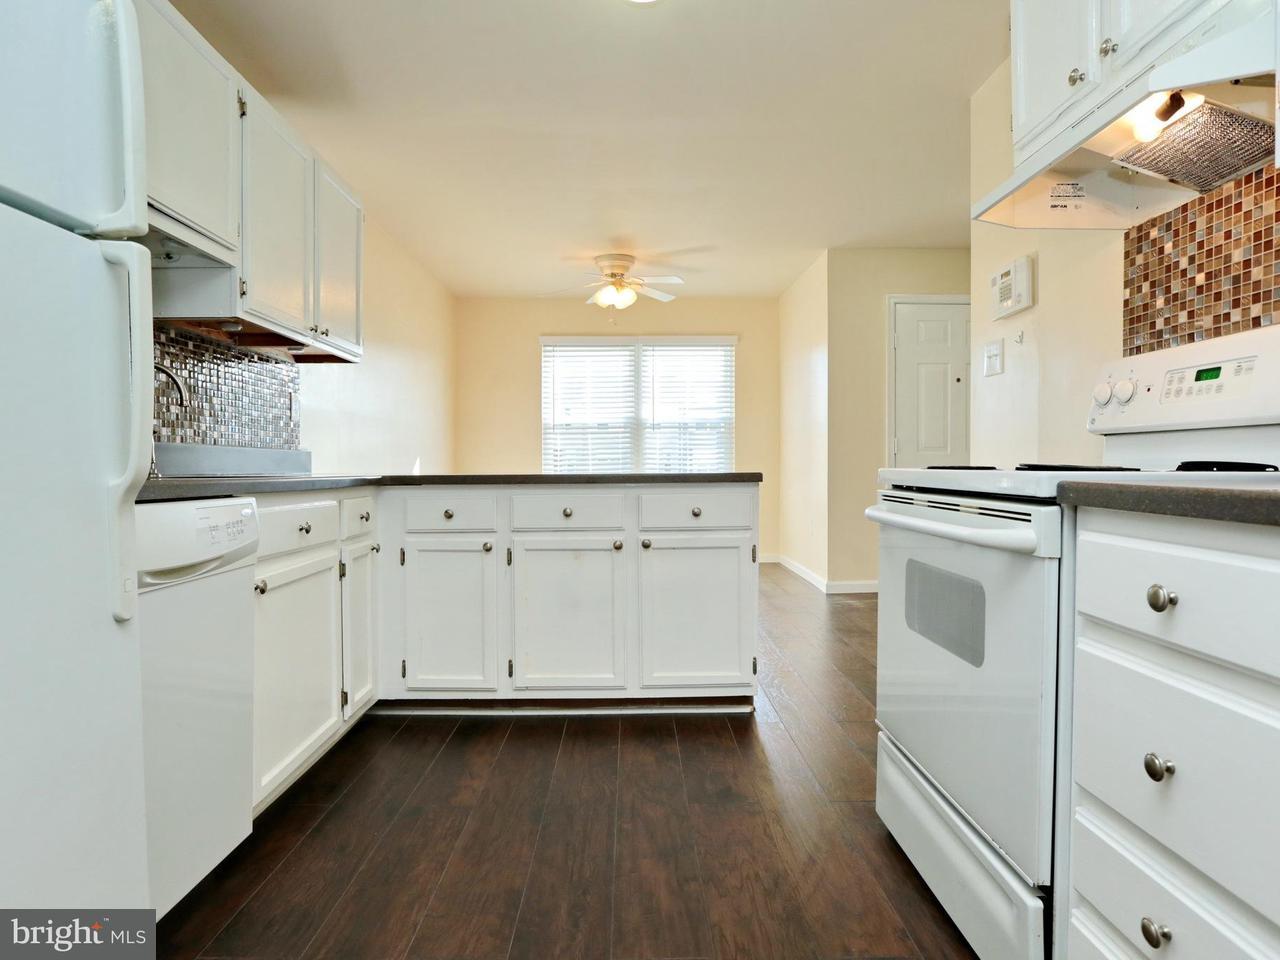 315 Woodside Pl Waldorf Md Real Estate Listing Mls G Number